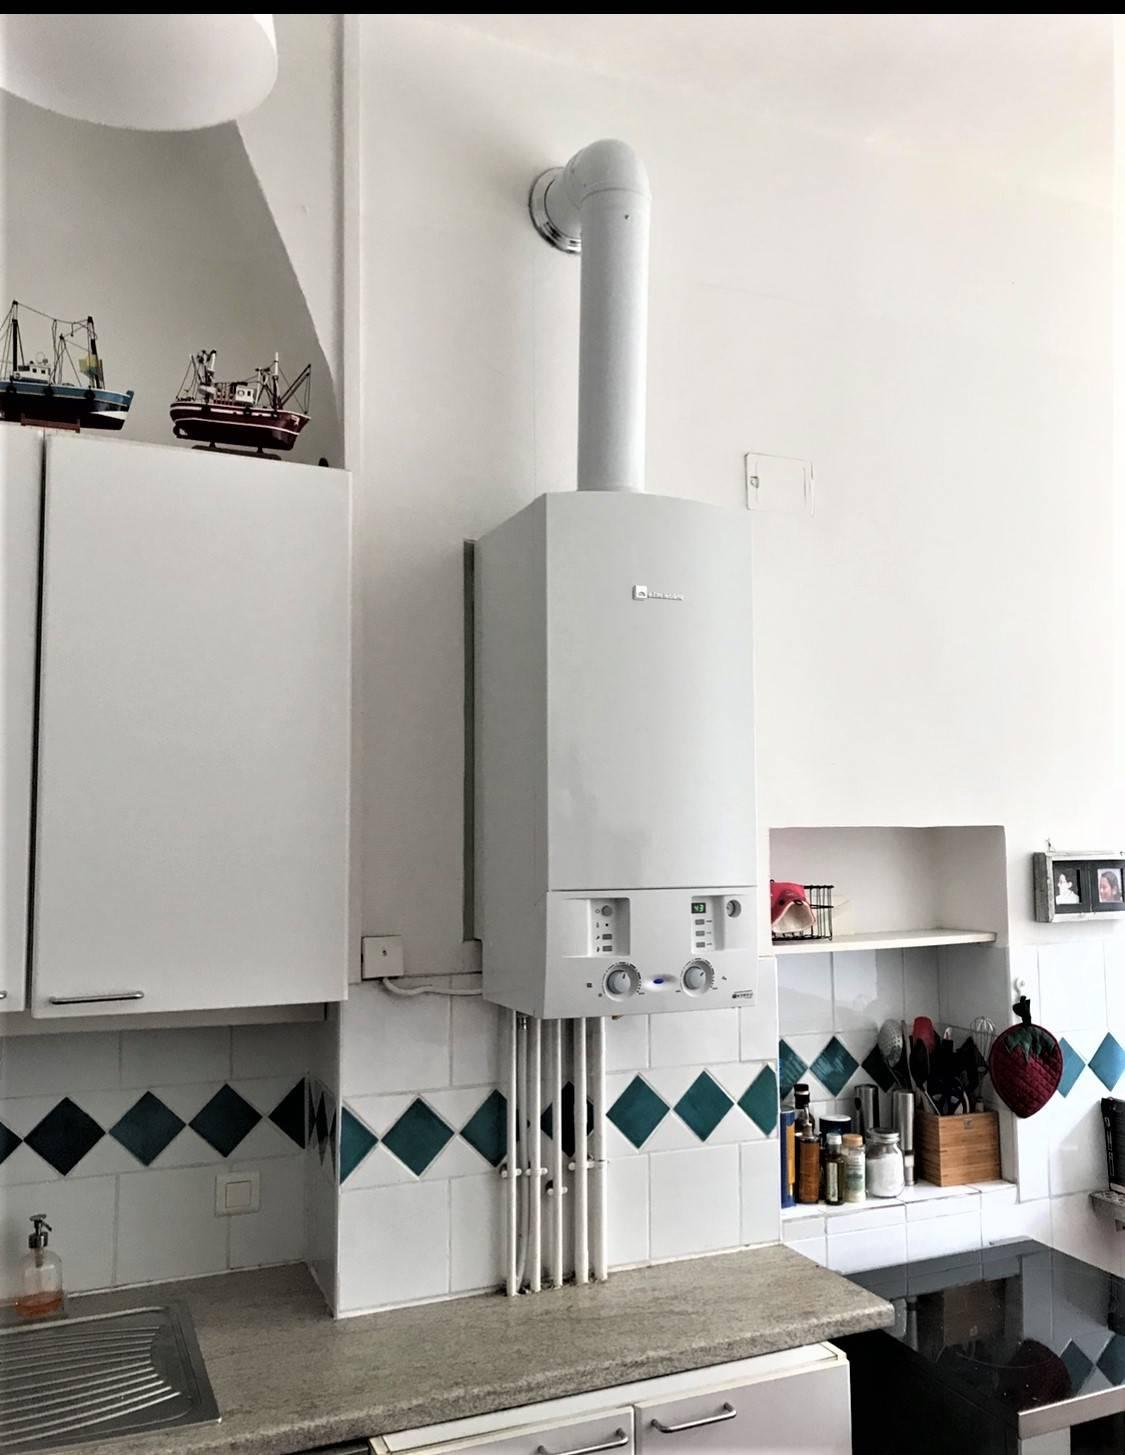 Installation Chaudière À Condensation installation d'une chaudiere a gaz elm leblanc megalis a